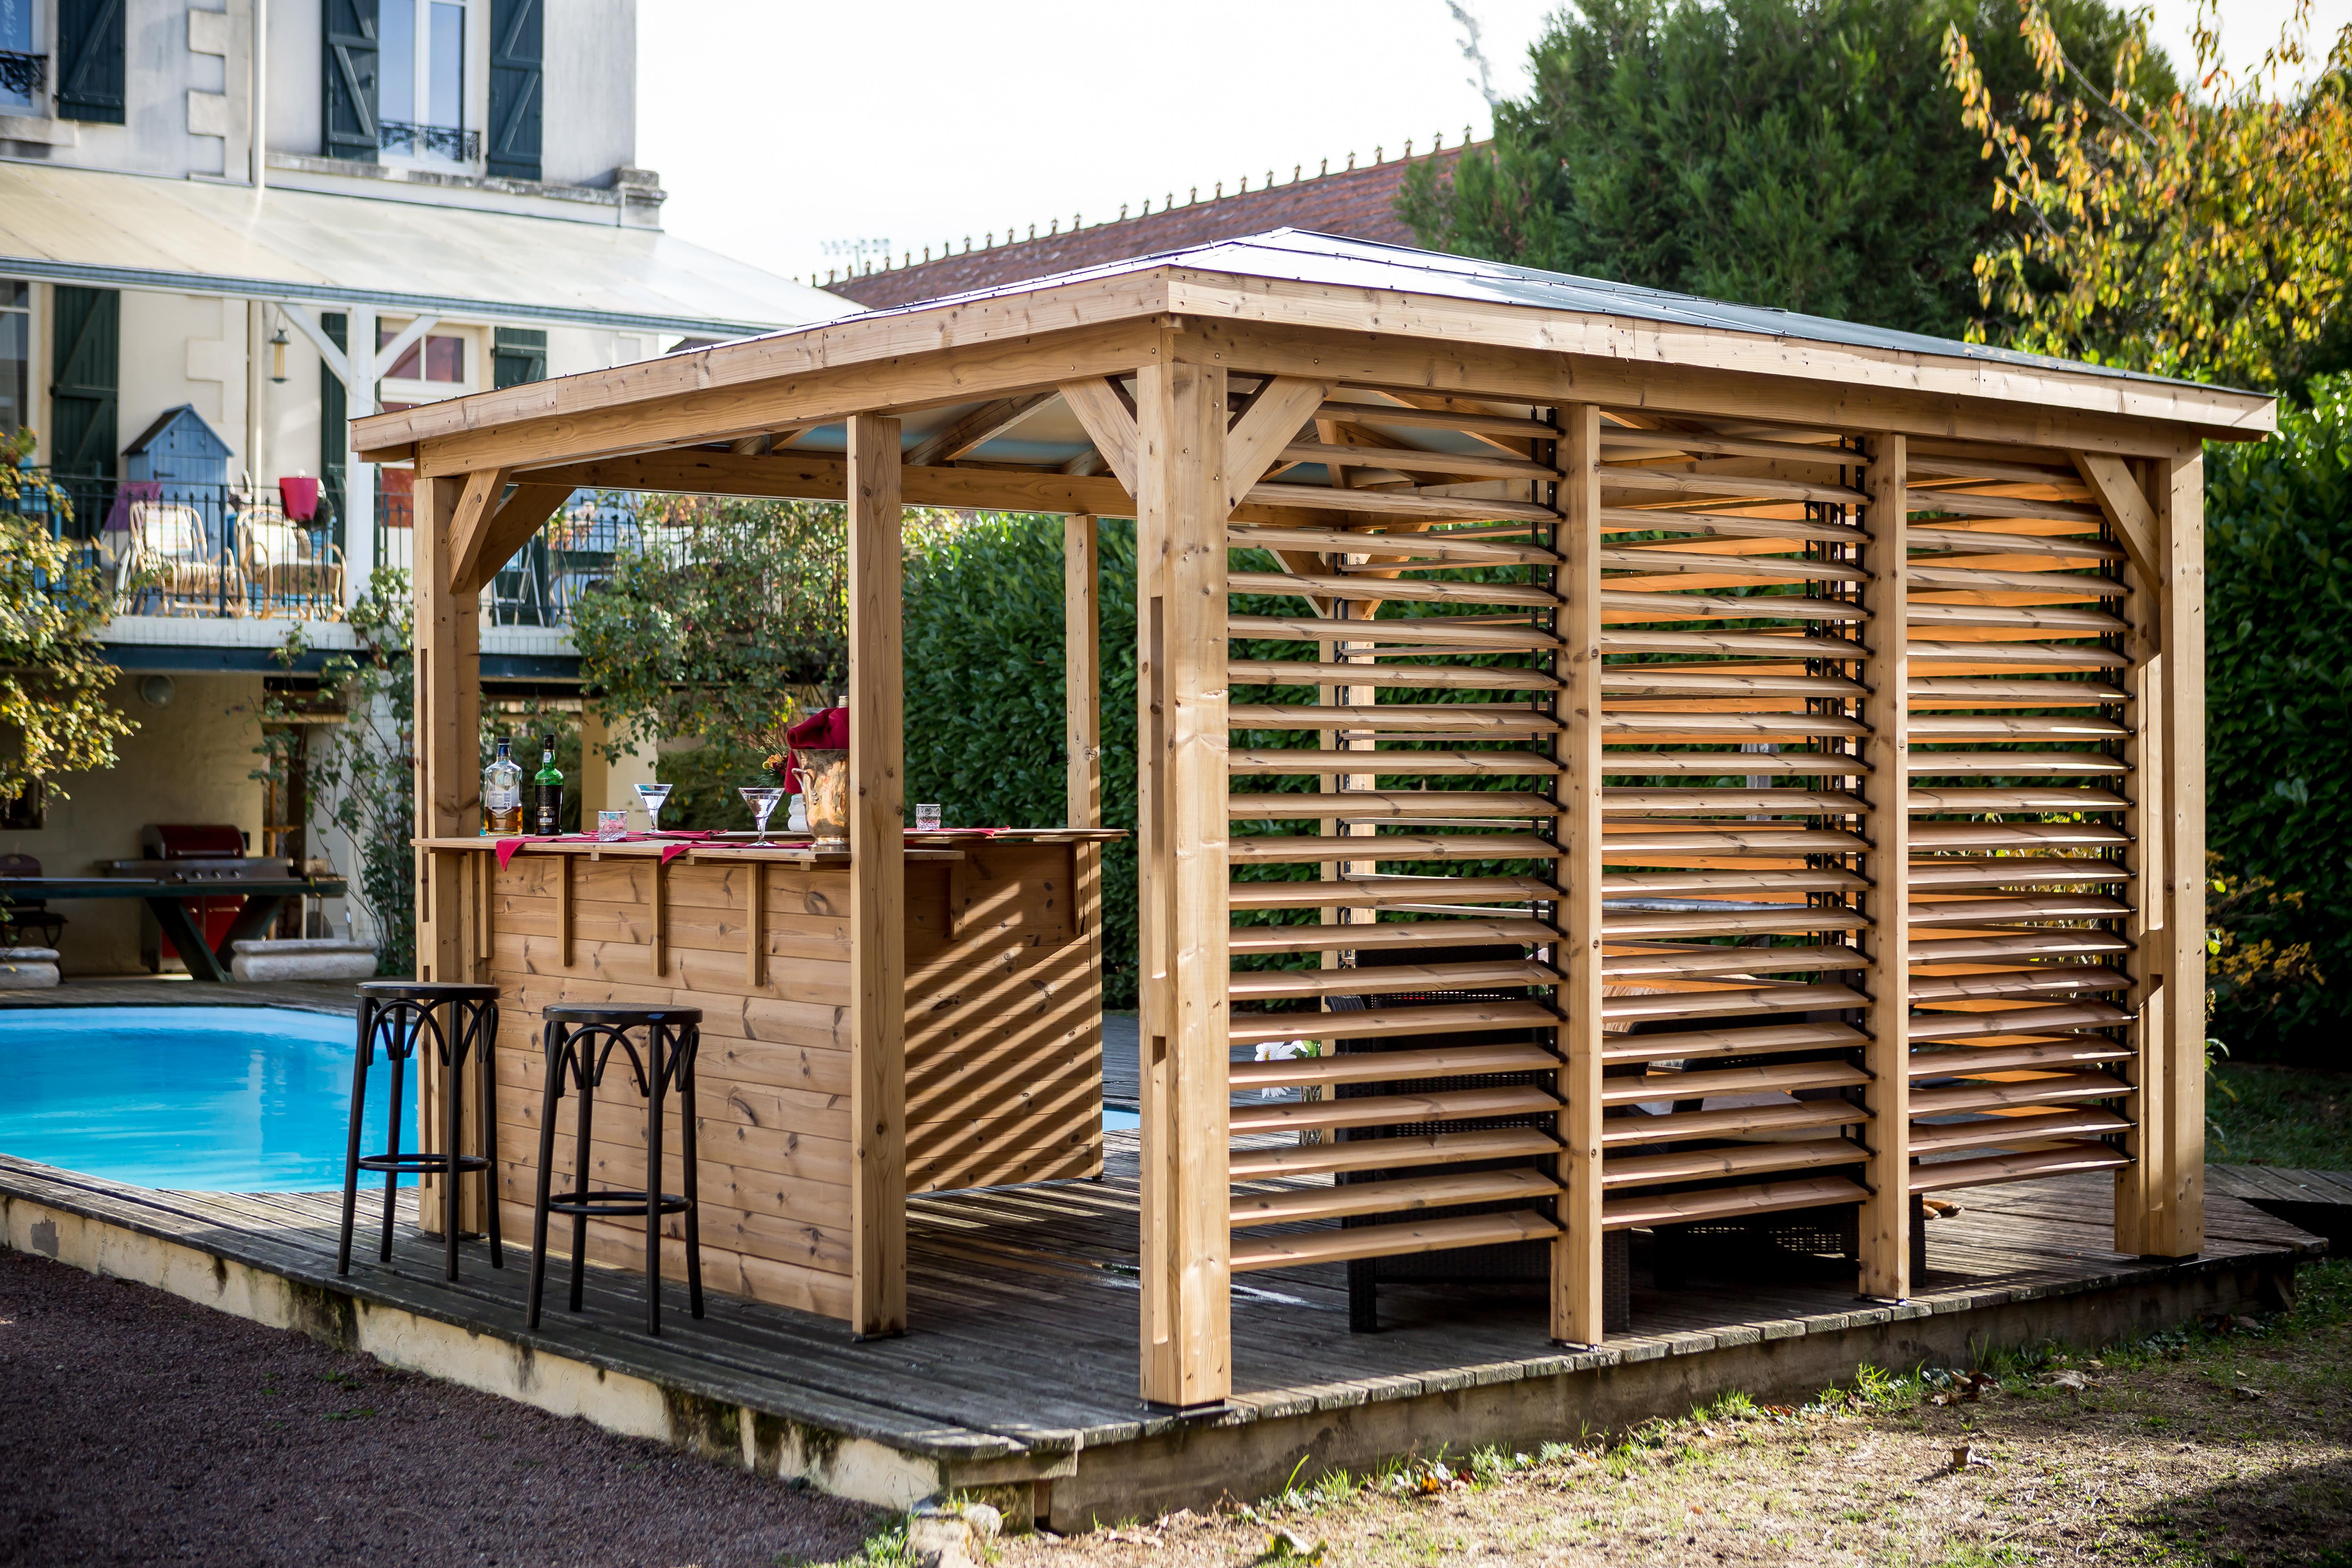 Kiosque En Bois Hexagonal pool house blueterm en bois 2 parois avec ventelles mobiles / 2 parois avec  comptoir toit en panneaux acp